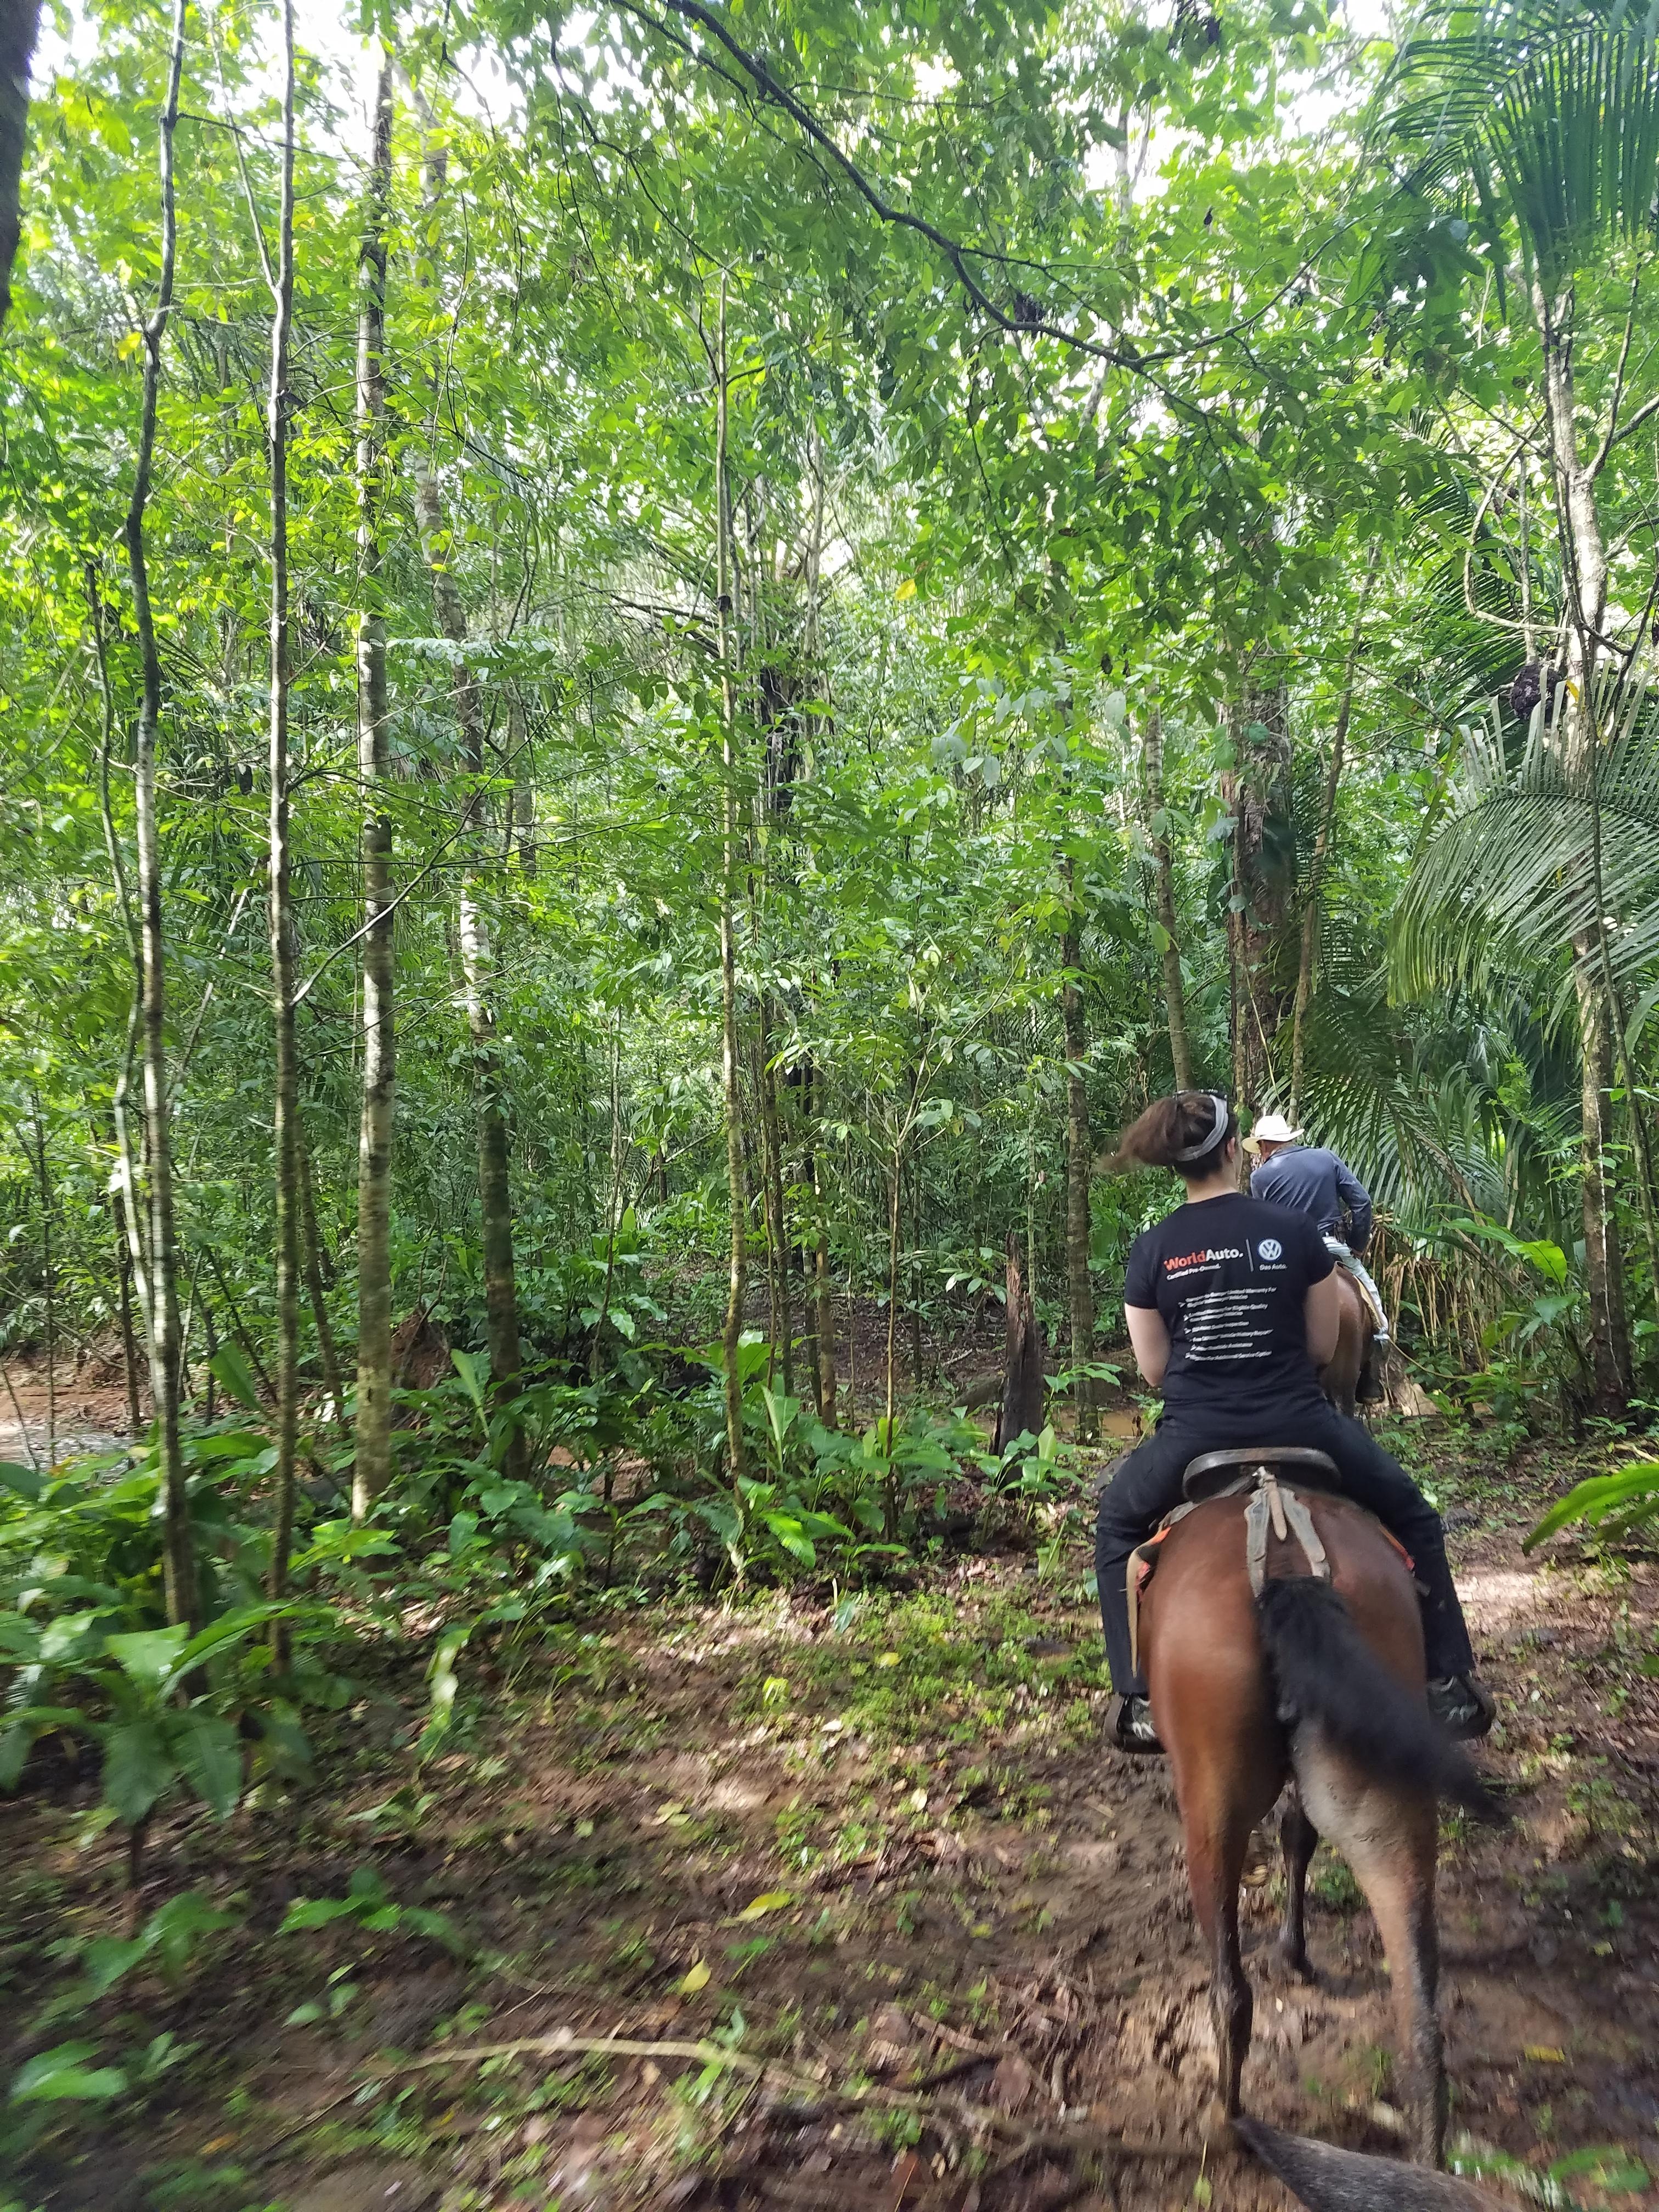 CostaRica_horsebackriding_3.jpg